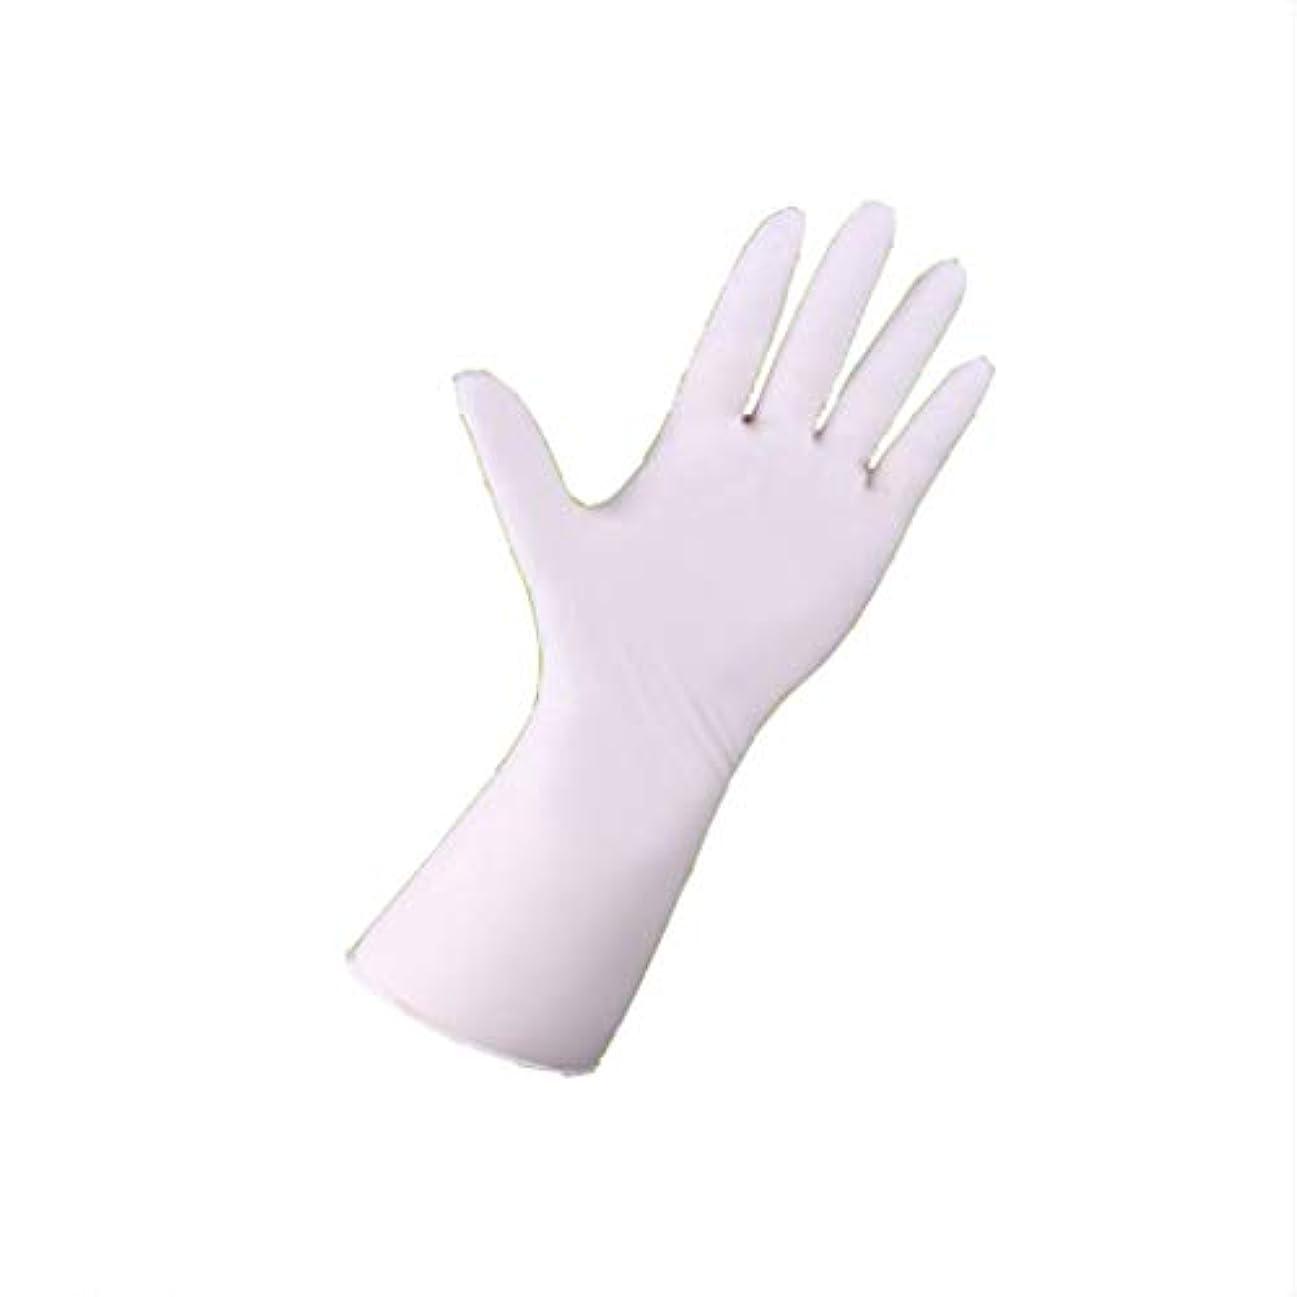 体系的にリング外観手袋、使い捨て手袋、長いゴムラボ、帯電防止ペディキュア、マッサージ、ハンドマッサージ100 (サイズ さいず : S s)